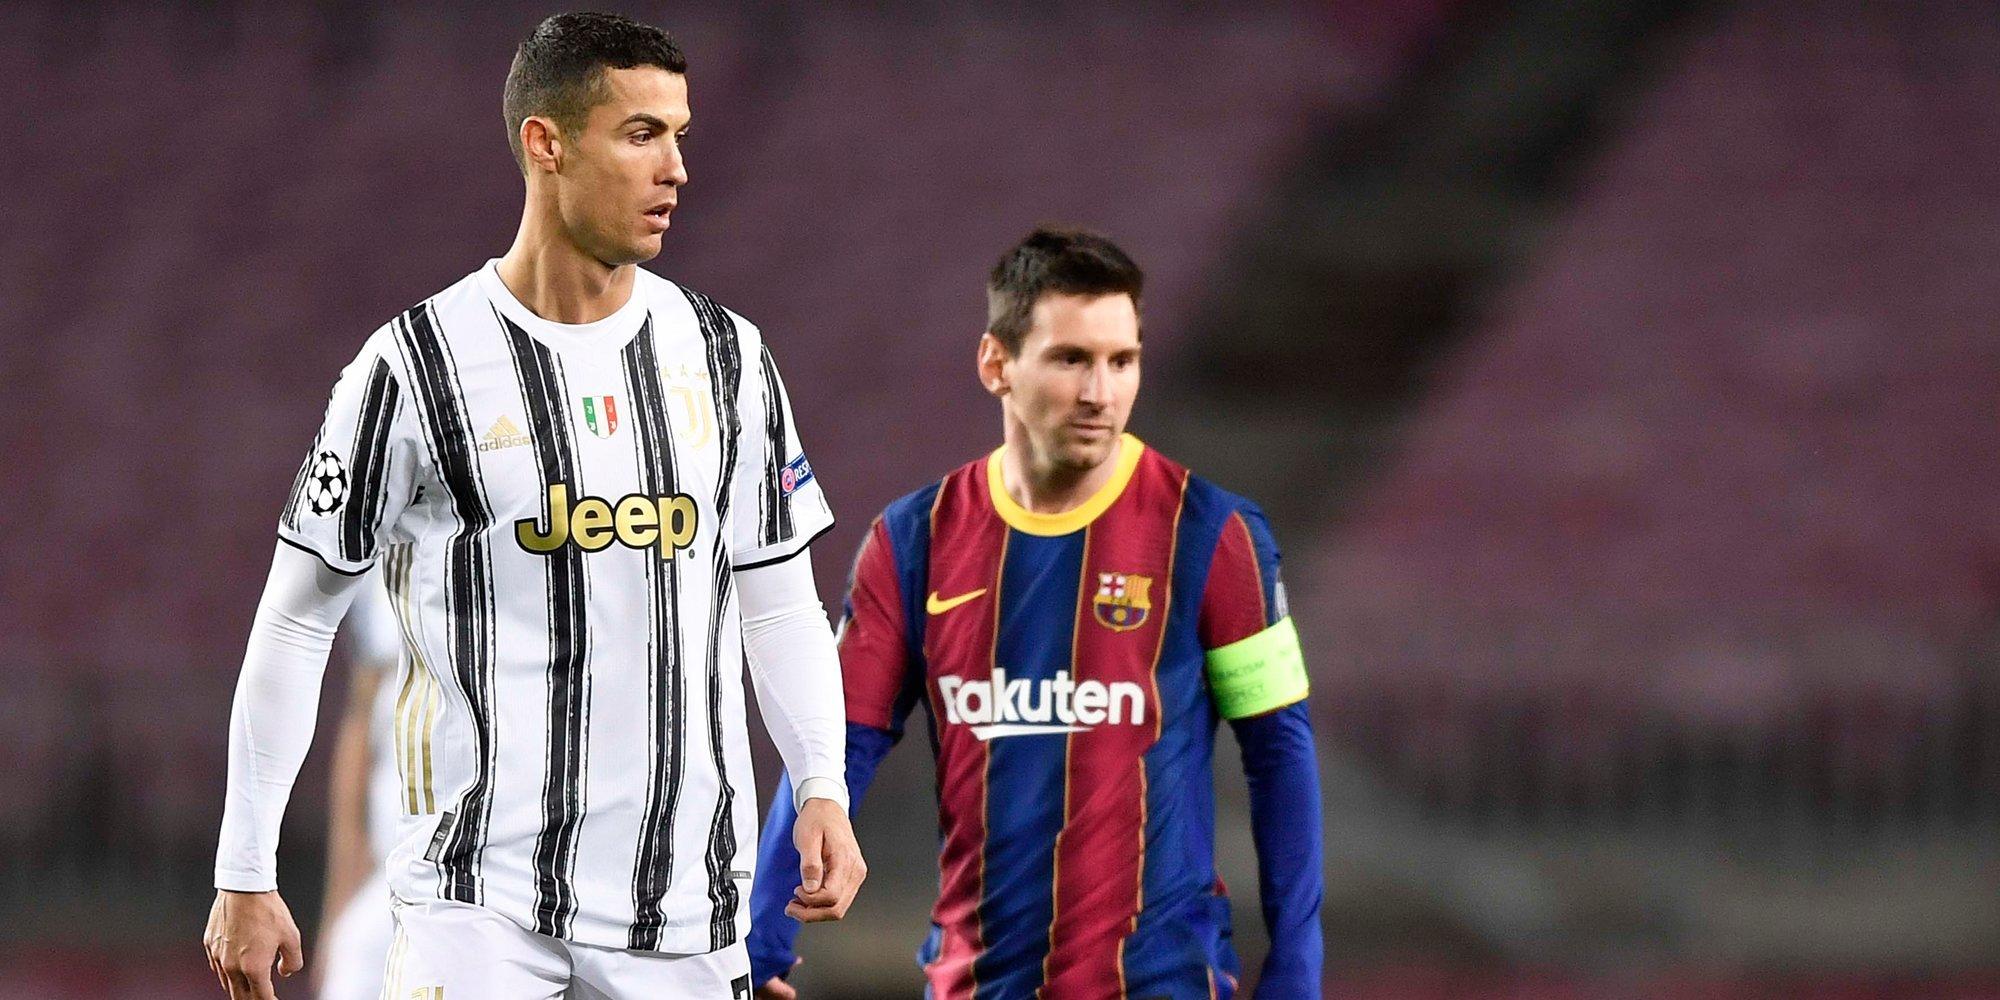 Профессор математики составил топ-10 лучших футболистов всех времен. Роналду - первый, Марадона поставлен на 9-е место